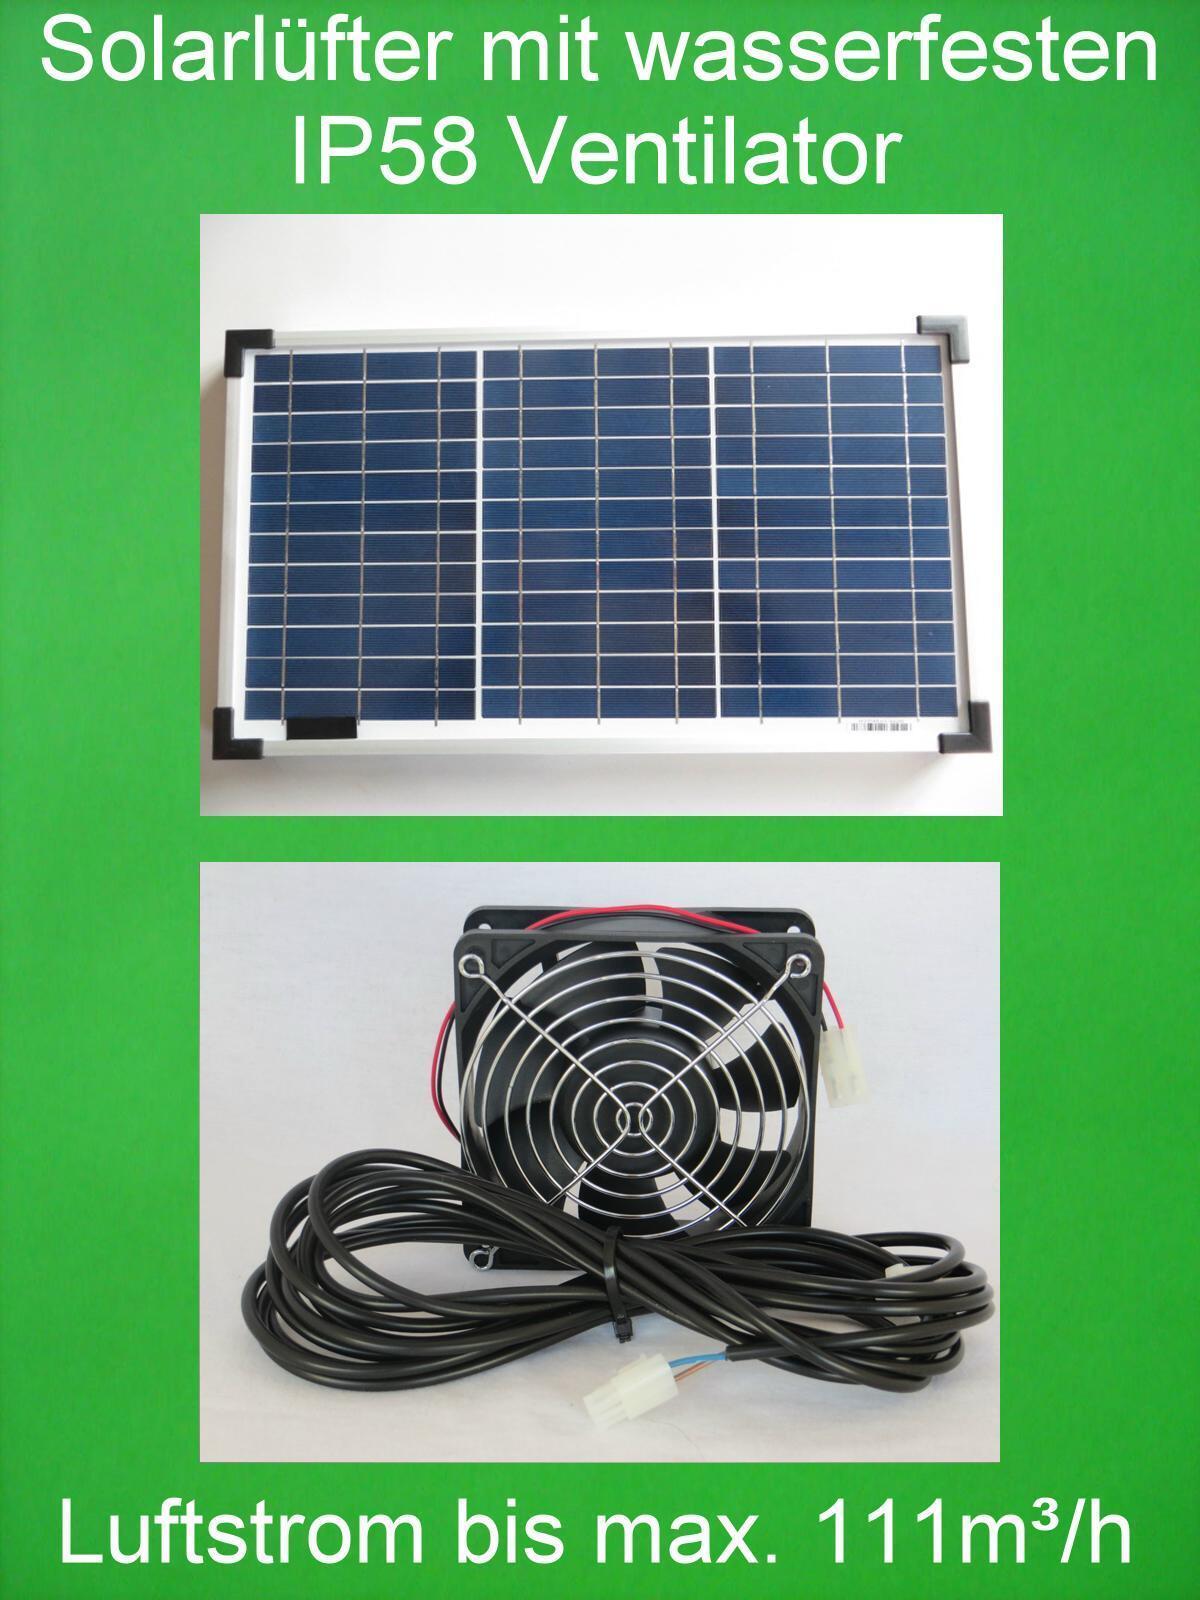 20 W wasserfester IP58 POWER Solarlüfter Solar Axial Lüfter Ventilator Belüfter